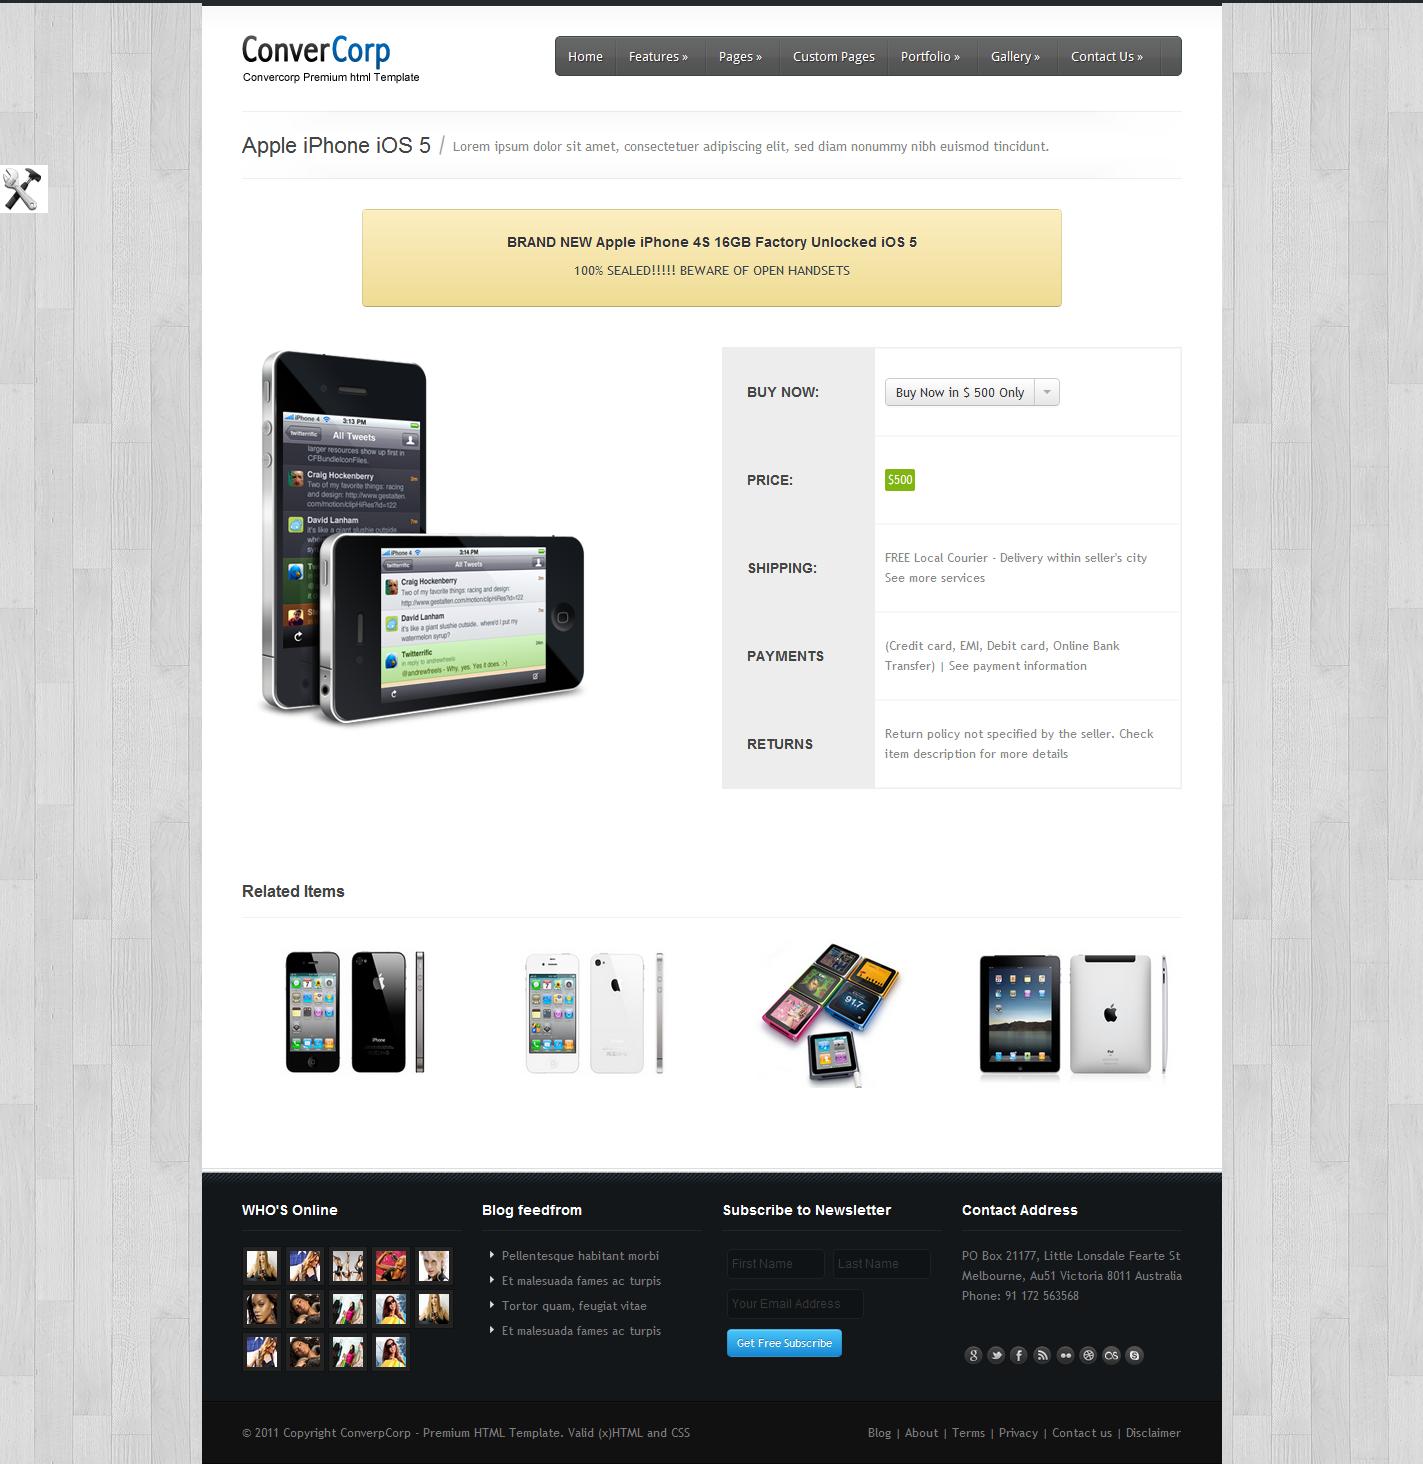 Convercorp - Multipurpose Premium HTML Theme